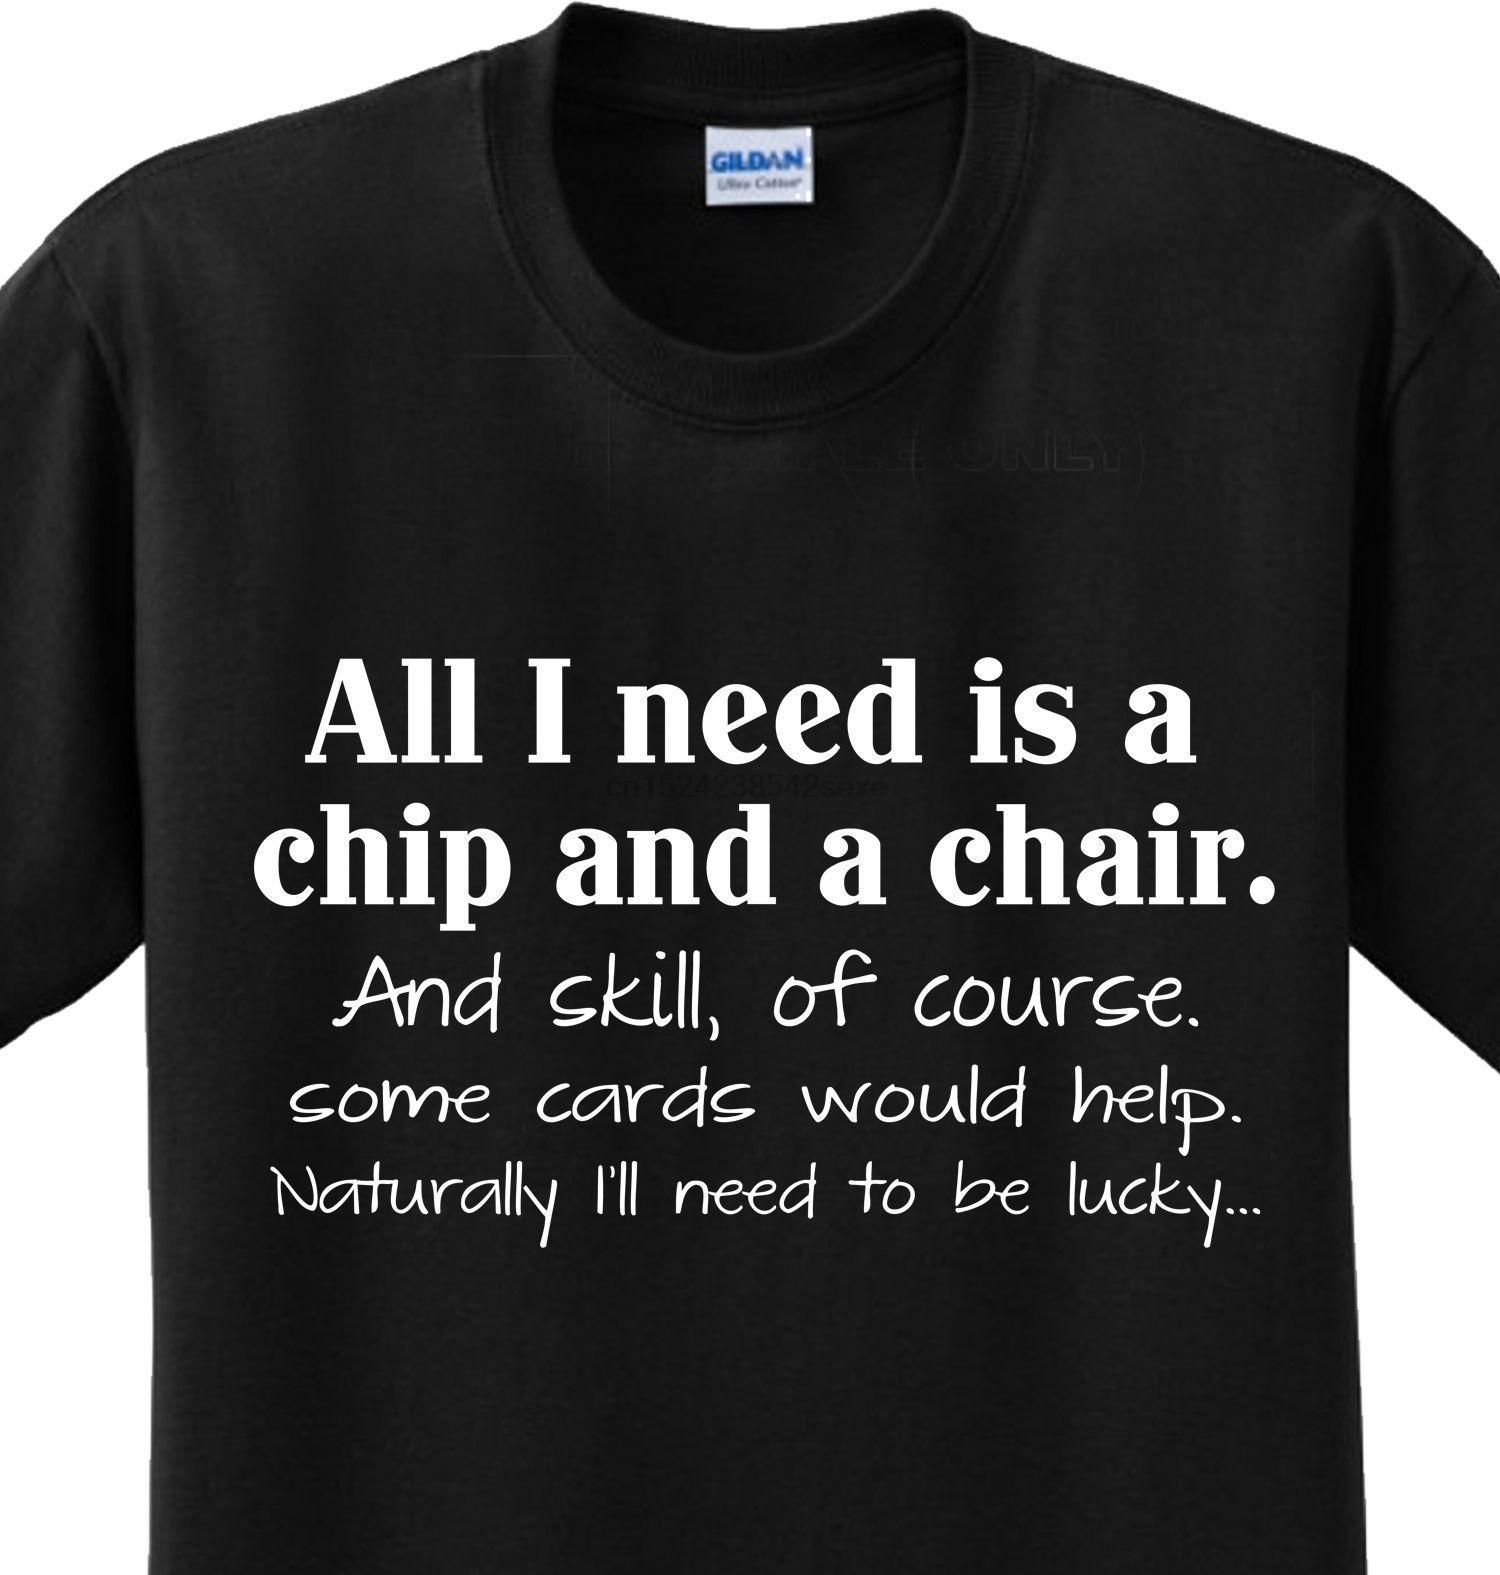 Chip und ein Stuhl Poker sagen Gambling Humor Witty T-Shirt irgendeine Größe lustige Neuheit